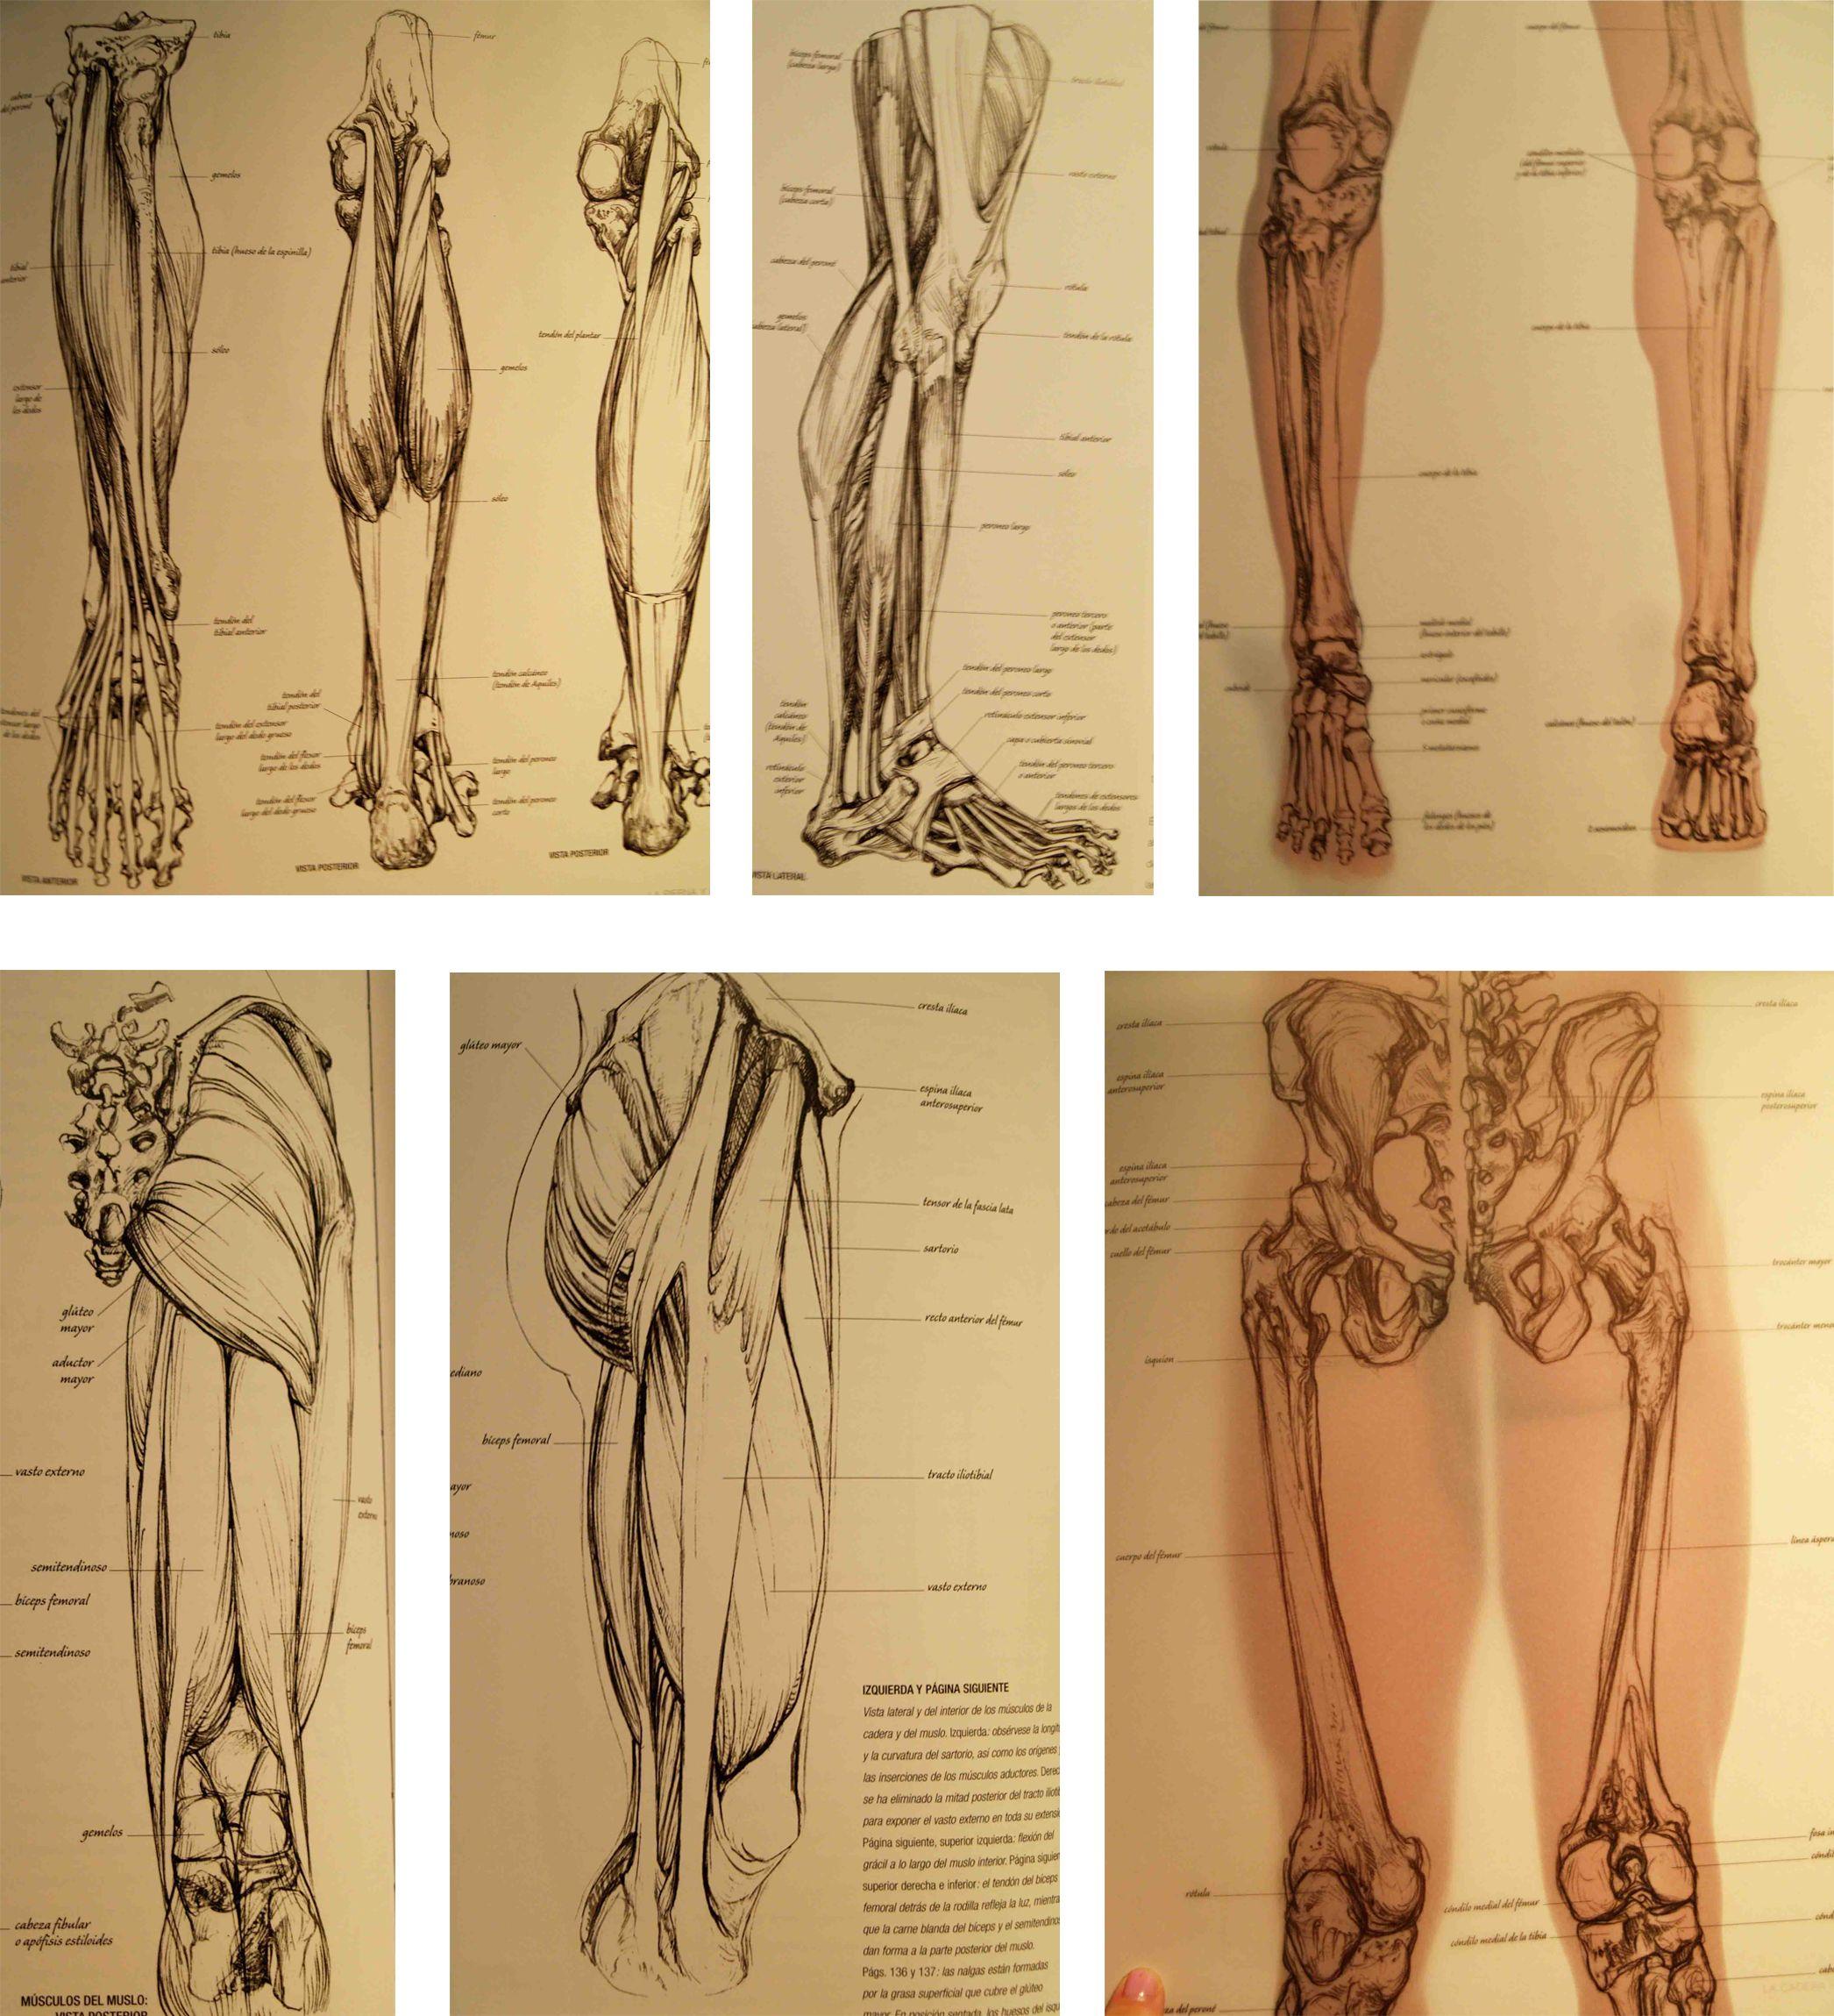 Único Anatomía Para El Artista Por Barcsay Jeno Foto - Imágenes de ...